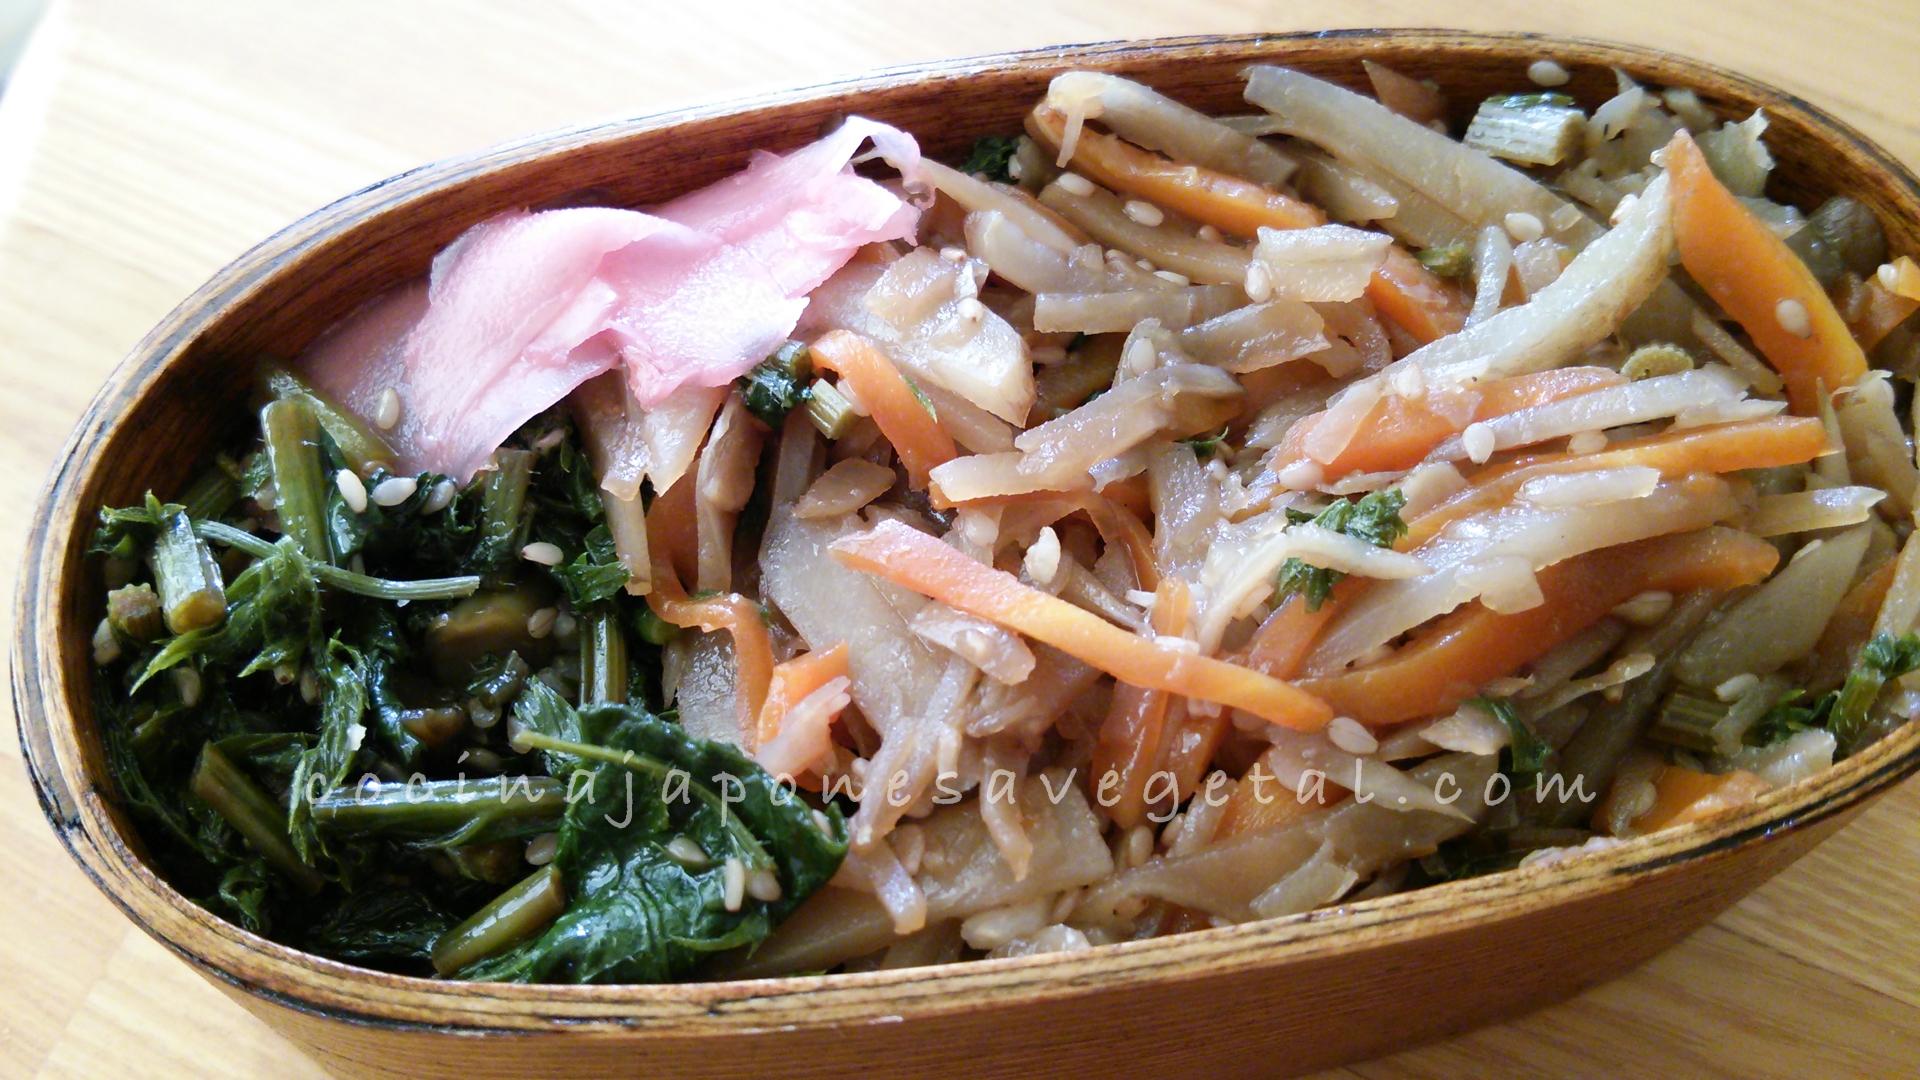 Comer verduras cocina japonesa a la vegetariana for Utensilios cocina japonesa